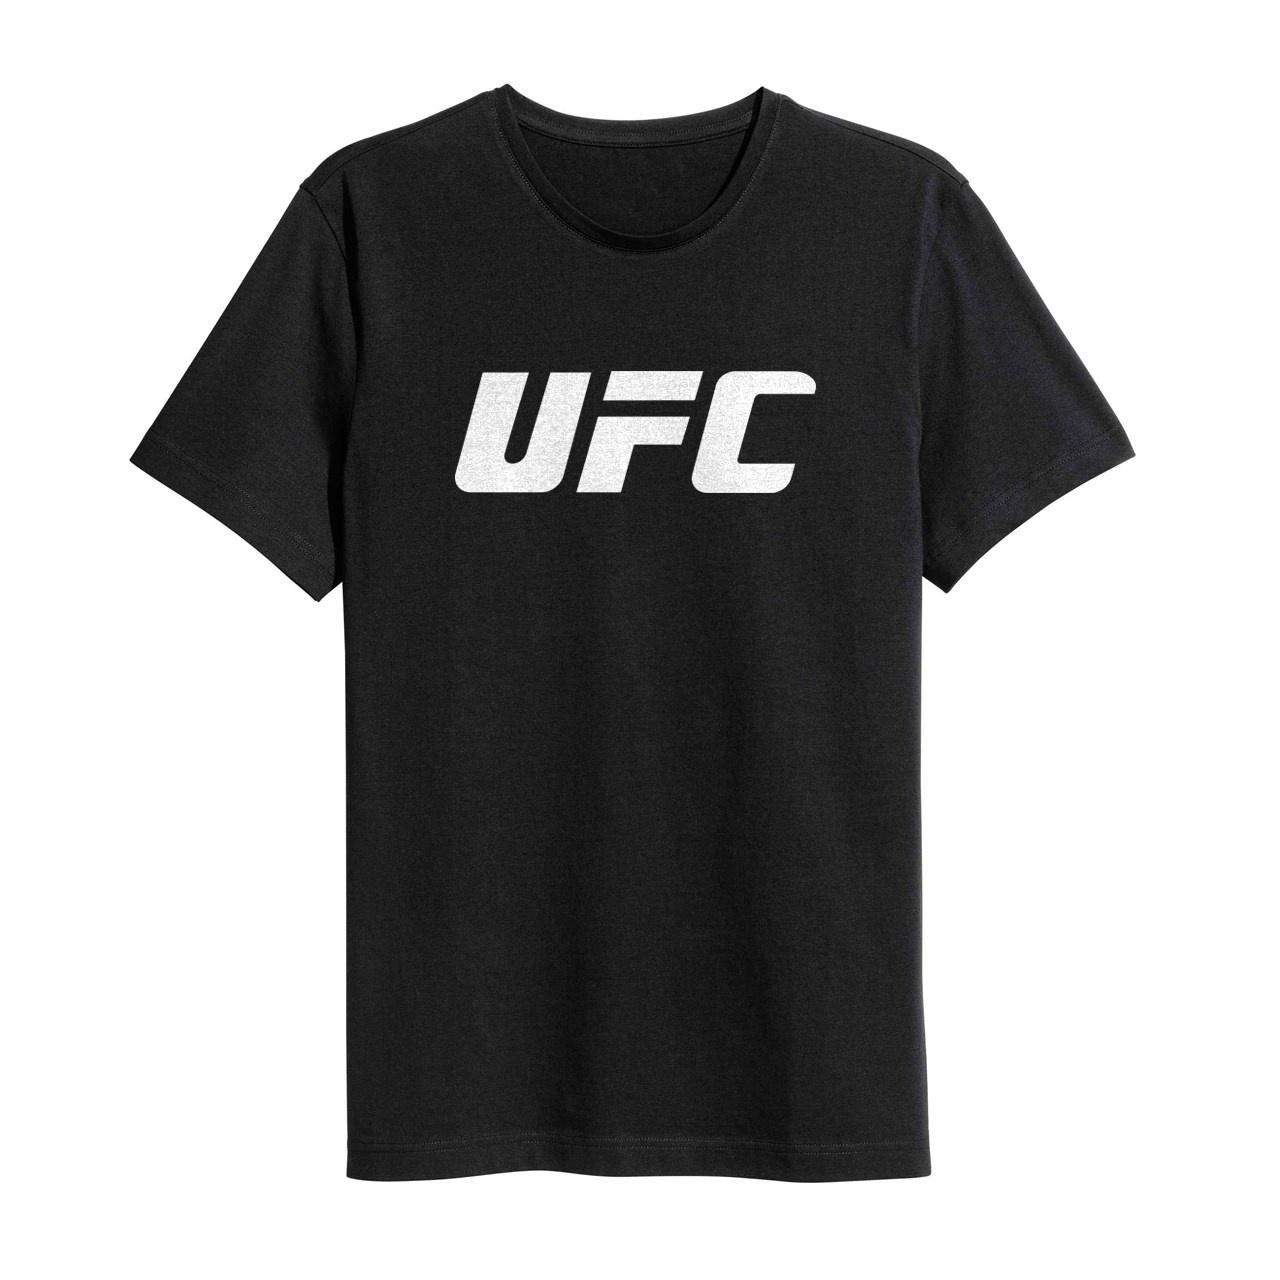 خرید ارزان تی شرت مردانه یو اف سی کد 222